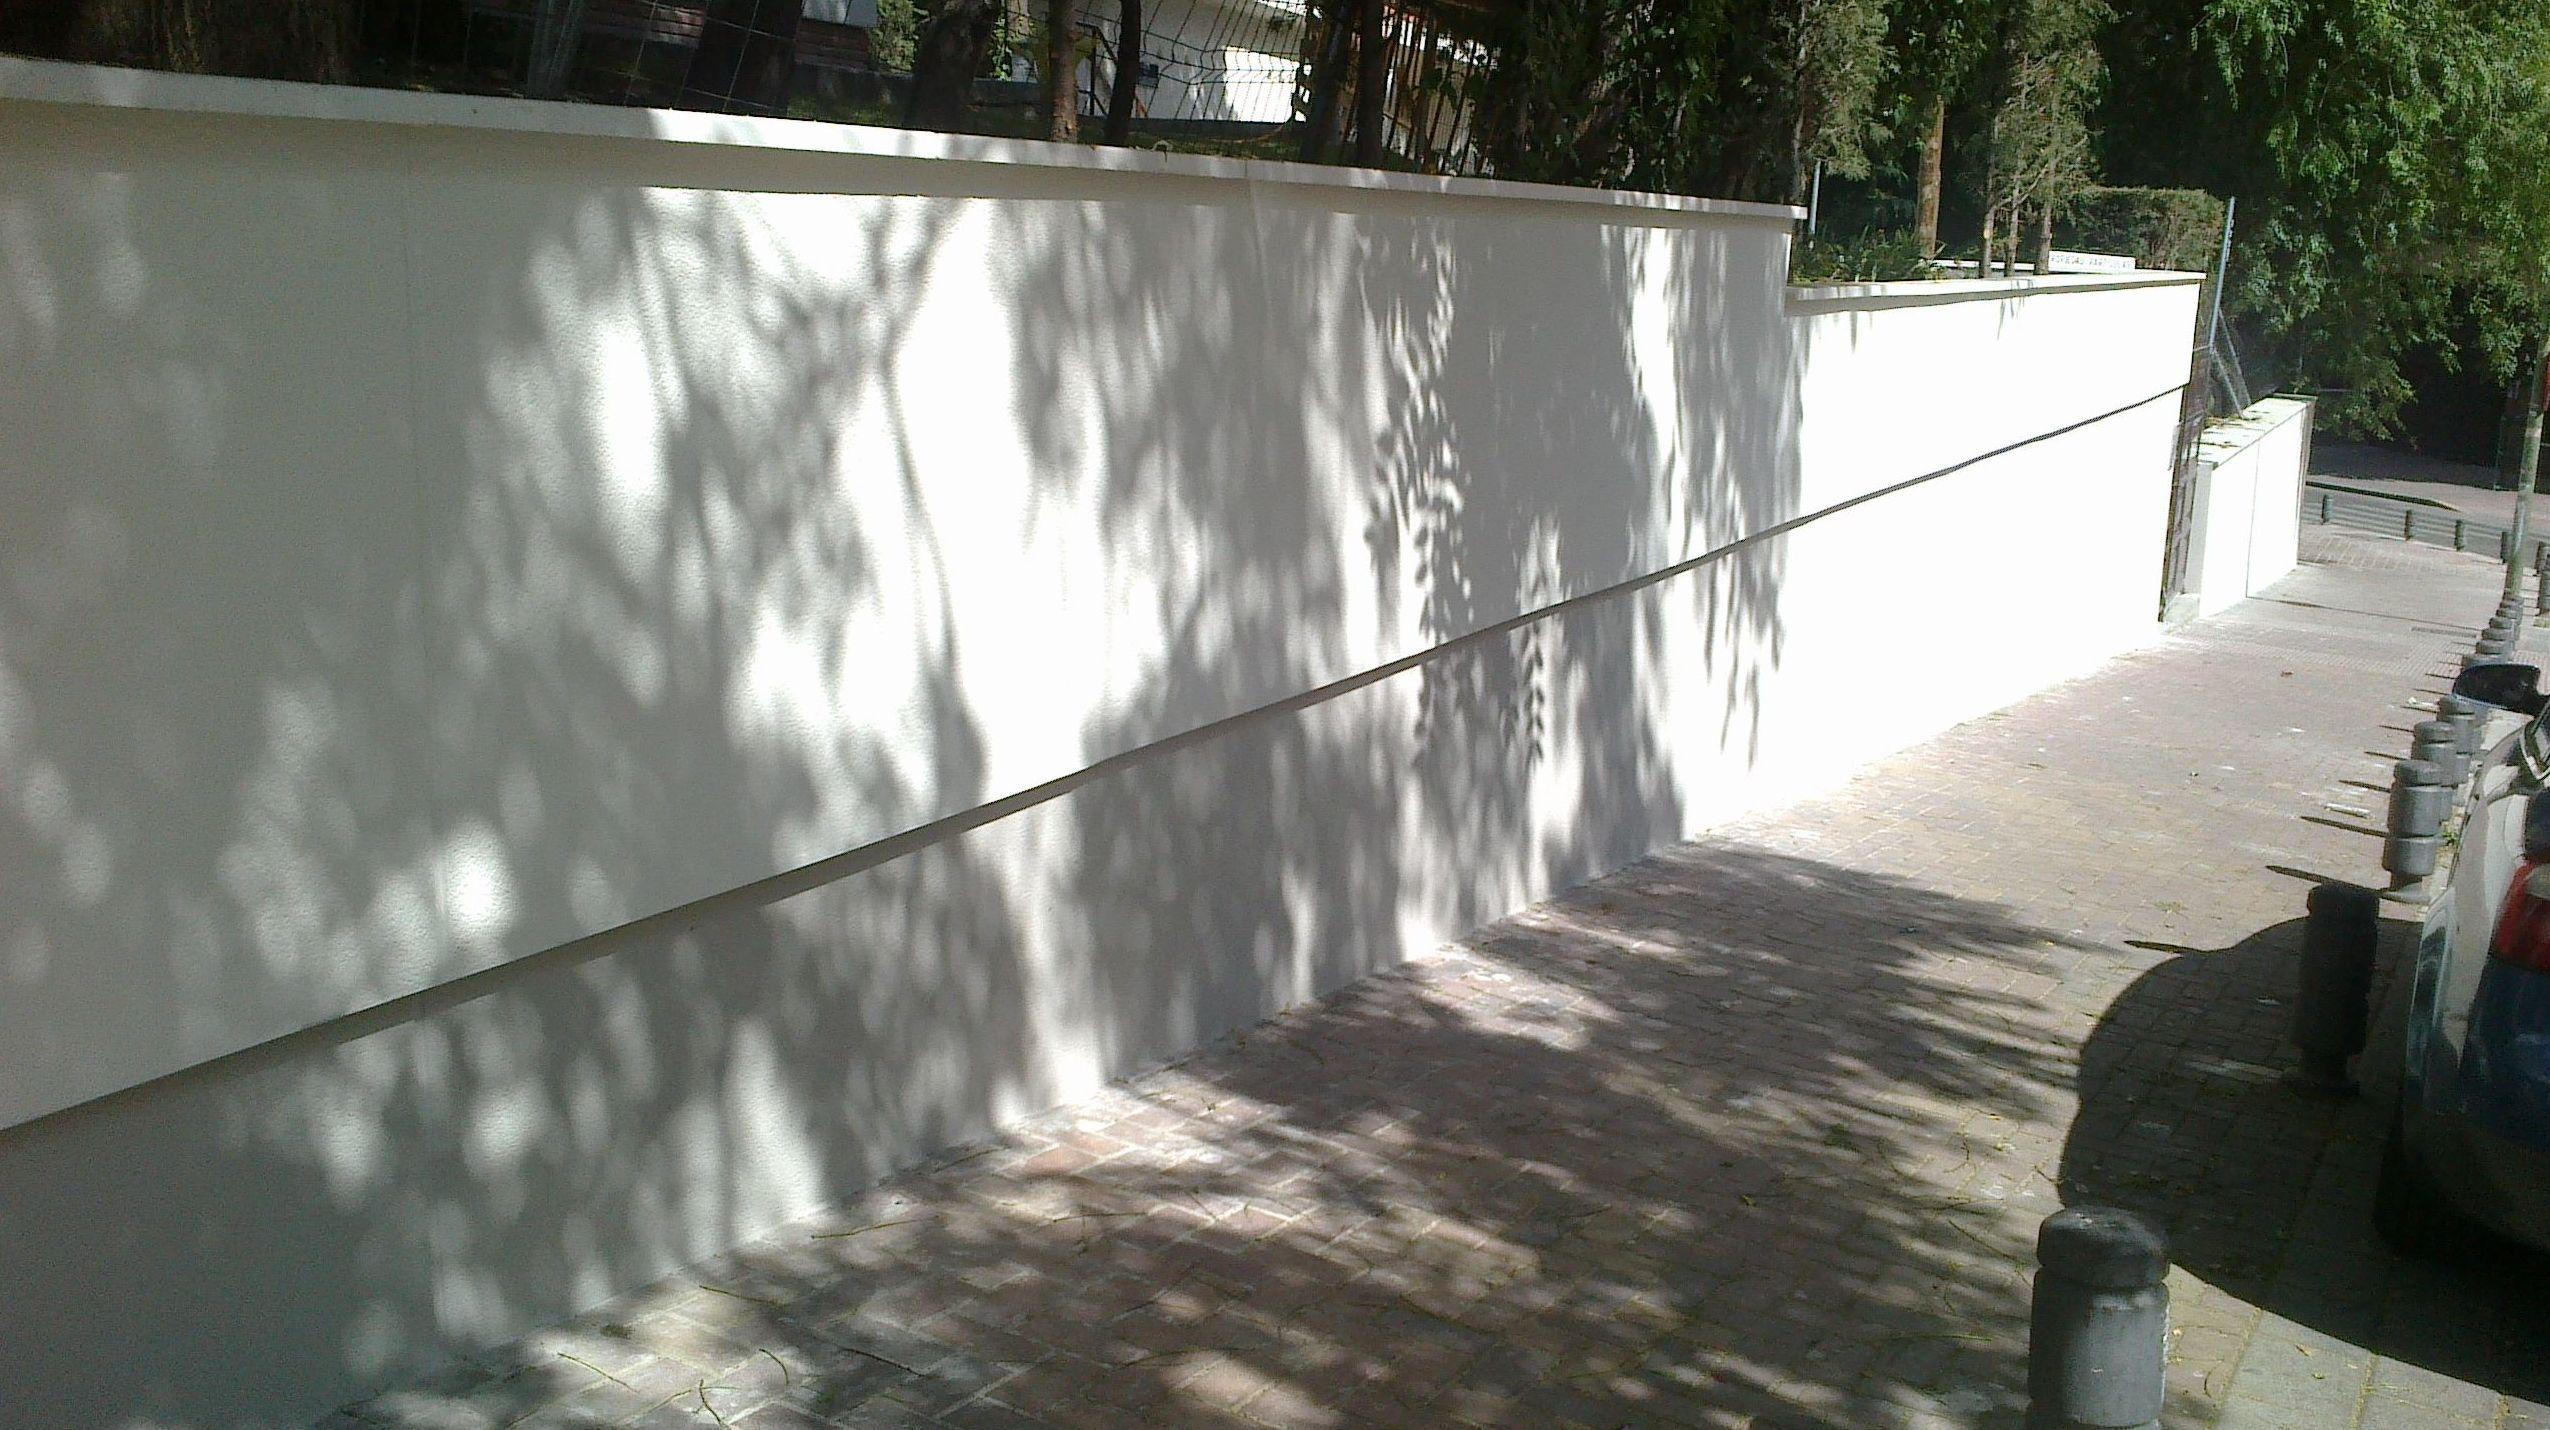 Rehabilitación muro cerramiento. Estado reformado